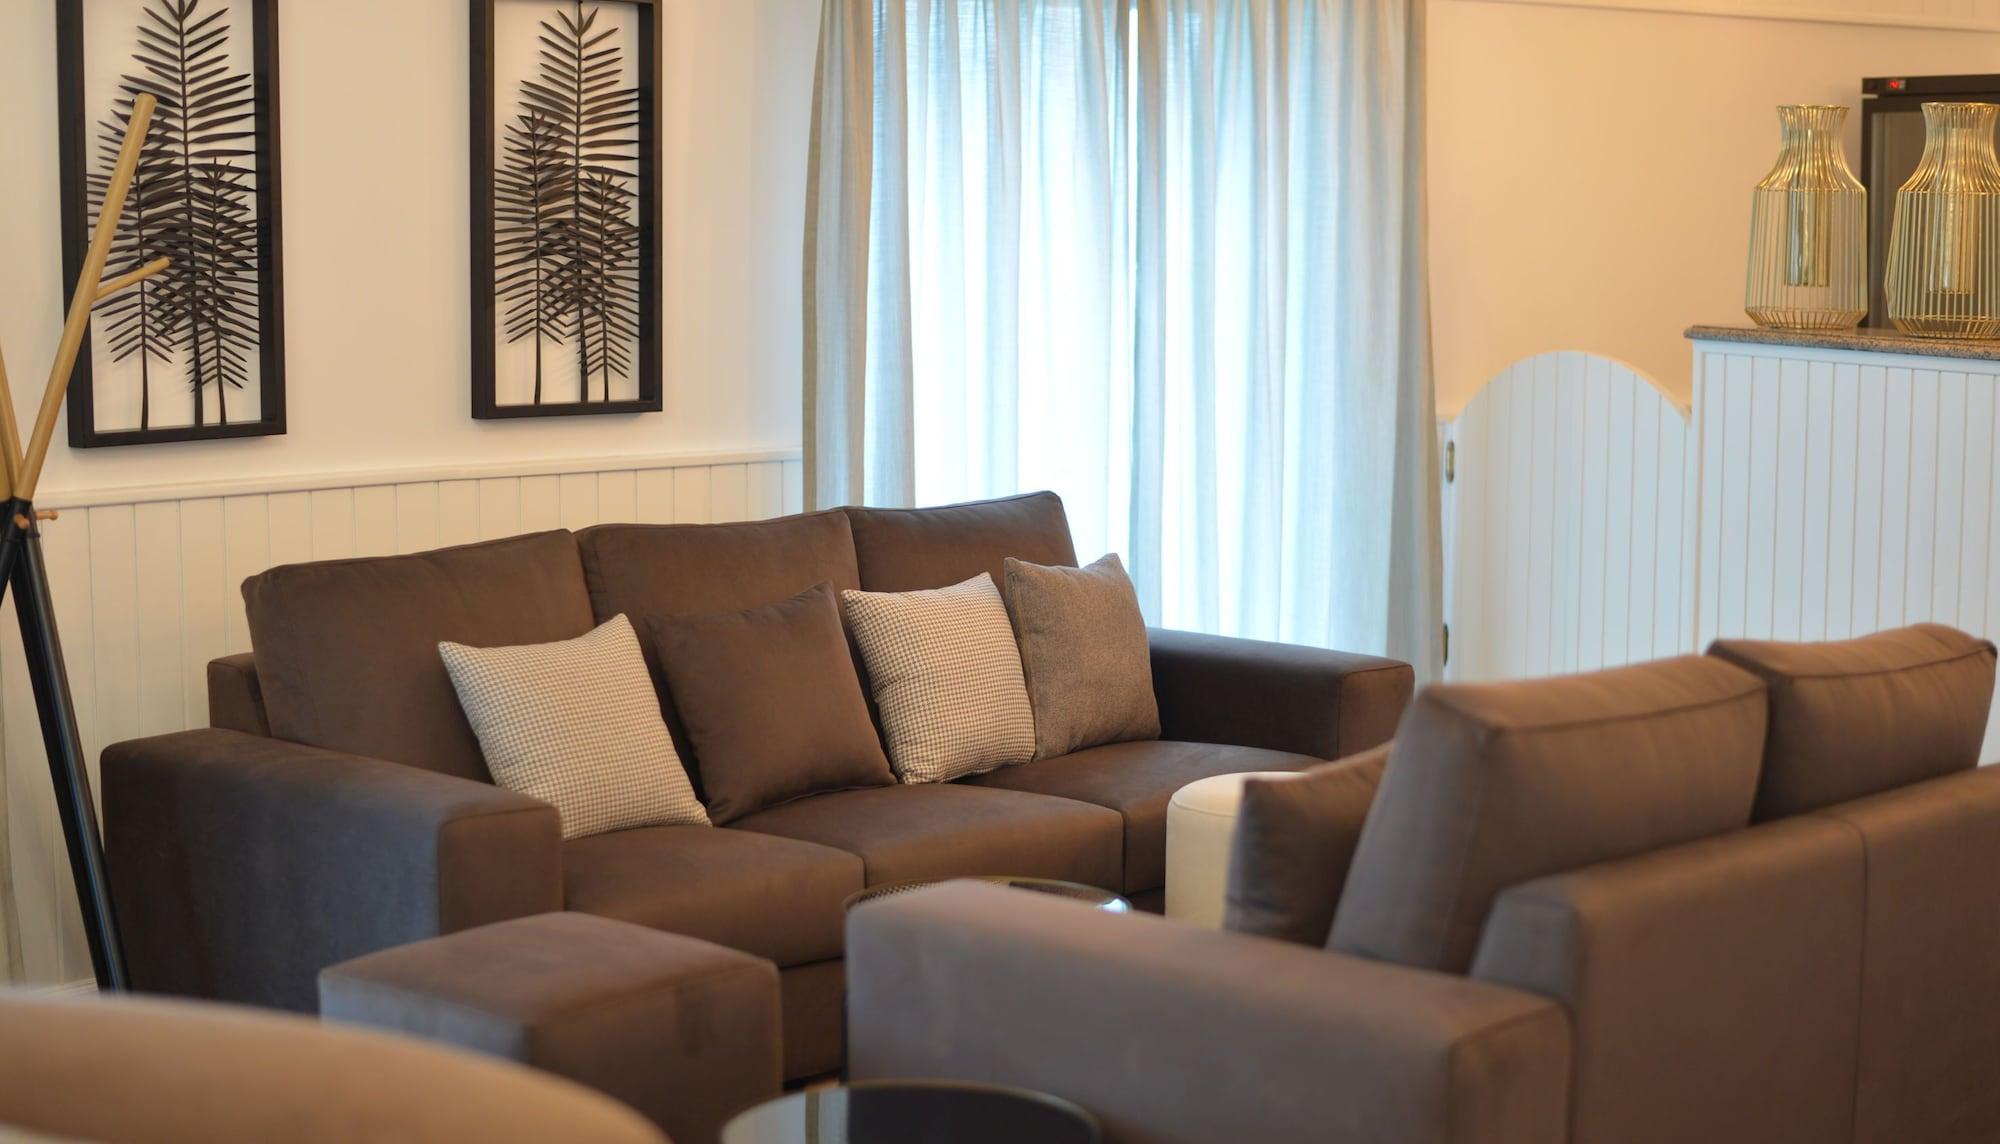 Hotel Casa das Carpas, Vizela